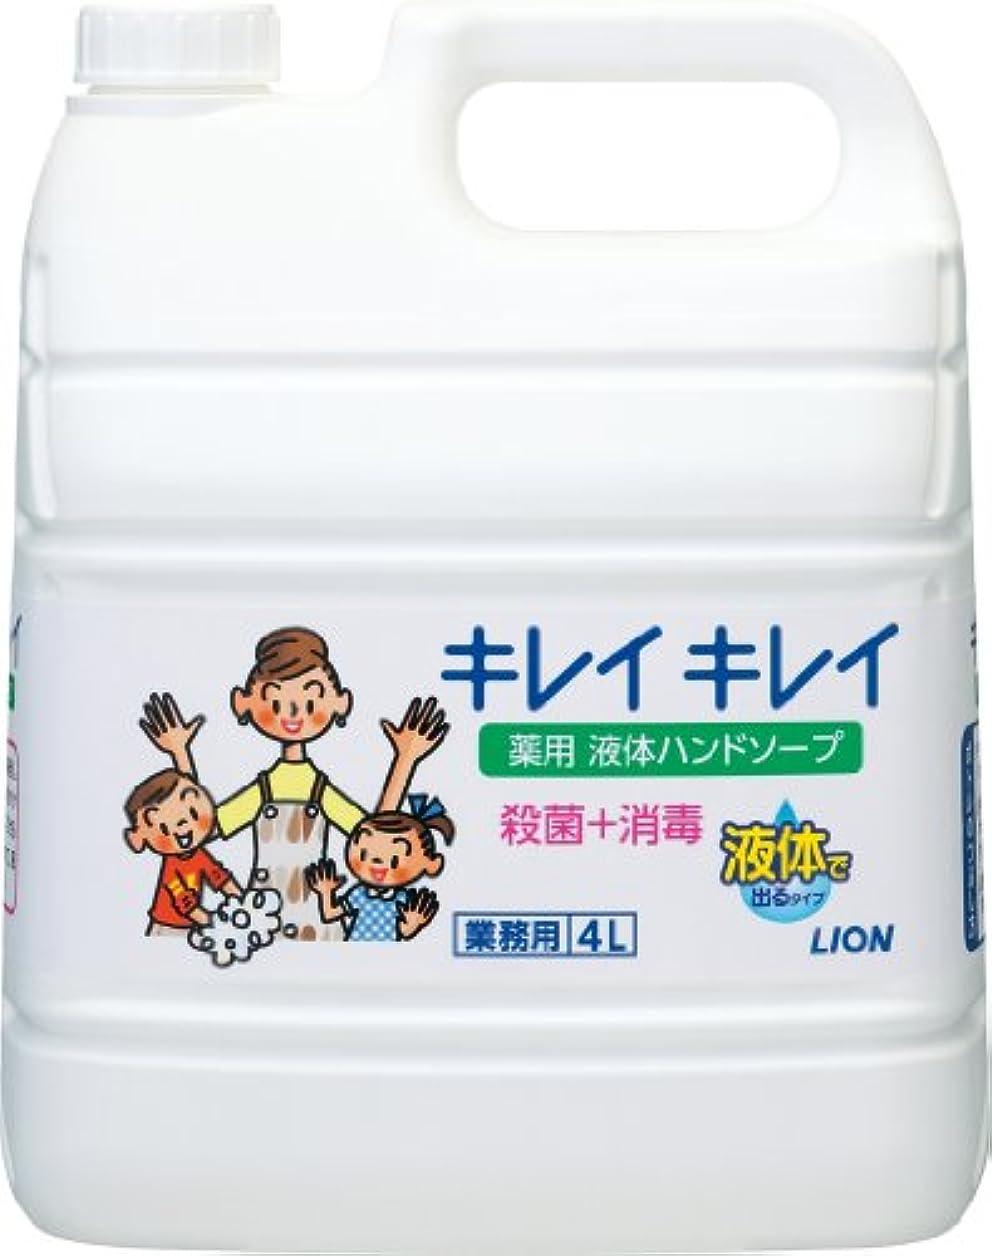 にんじんまどろみのある鈍い【業務用 大容量】キレイキレイ 薬用 ハンドソープ  4L(医薬部外品)